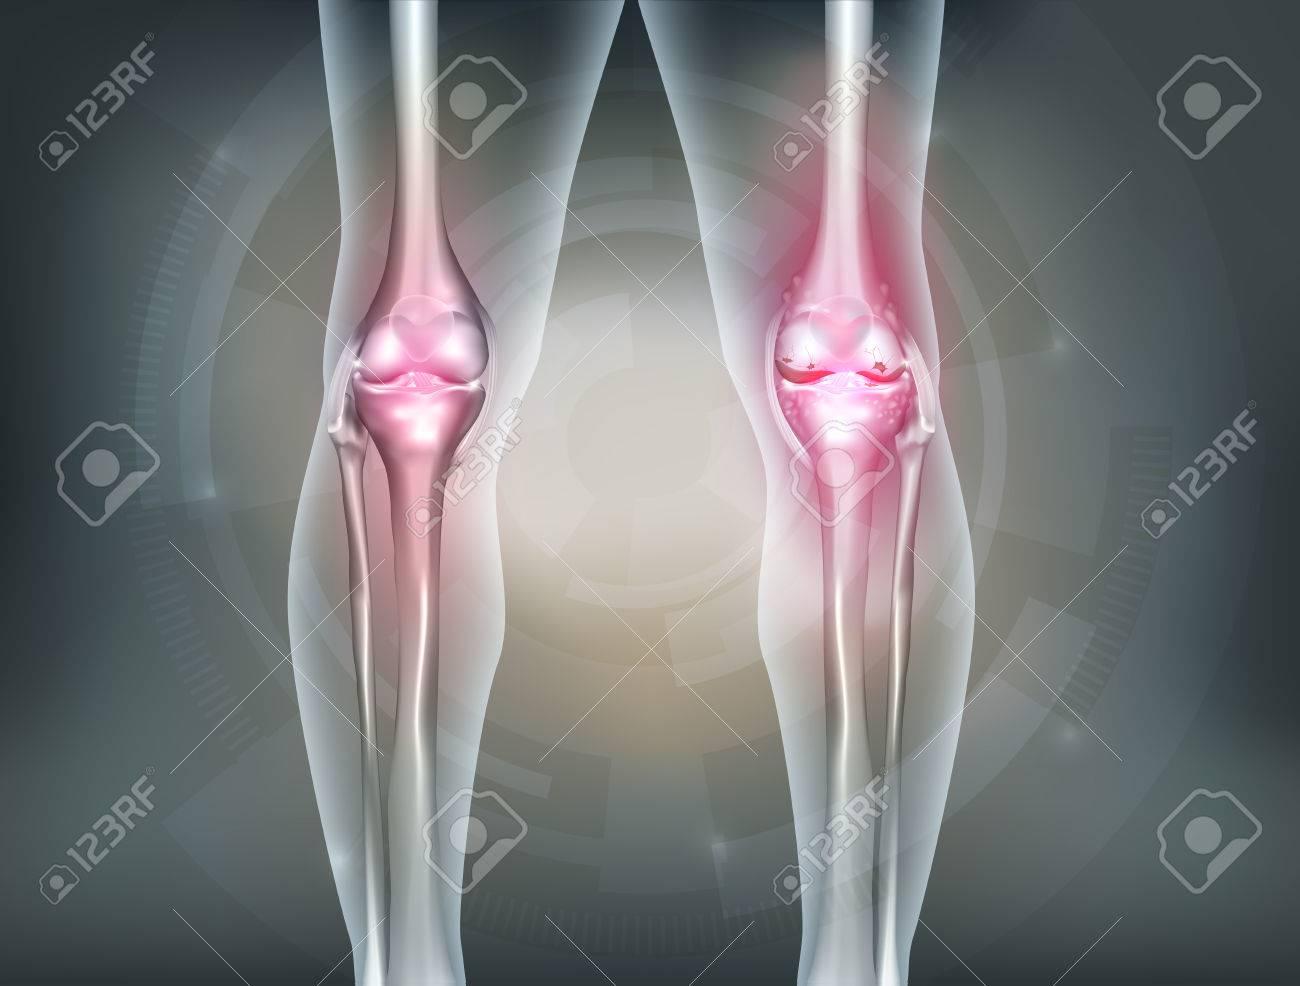 Menschliche Beine Und Kniegelenk Detaillierte Anatomie, Schmerzhafte ...